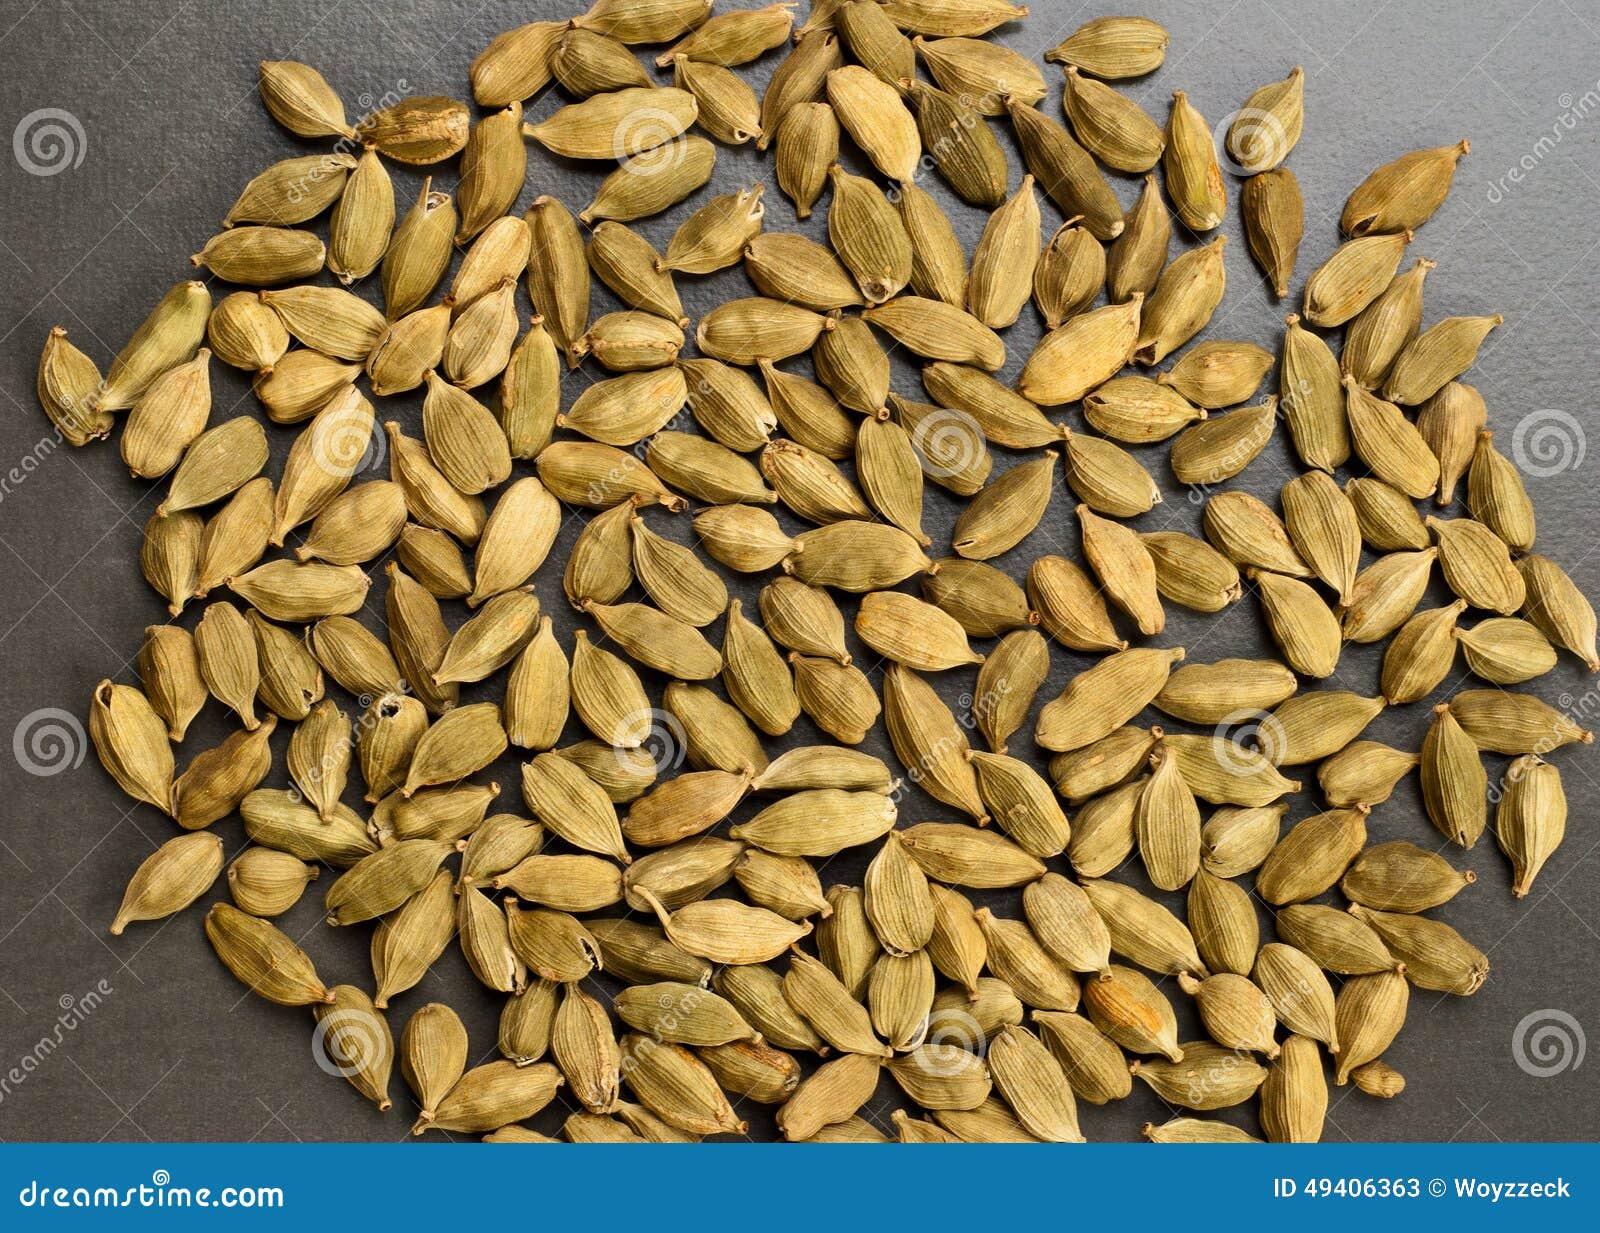 Download Kardamompflanze stockbild. Bild von nahrung, indisch - 49406363